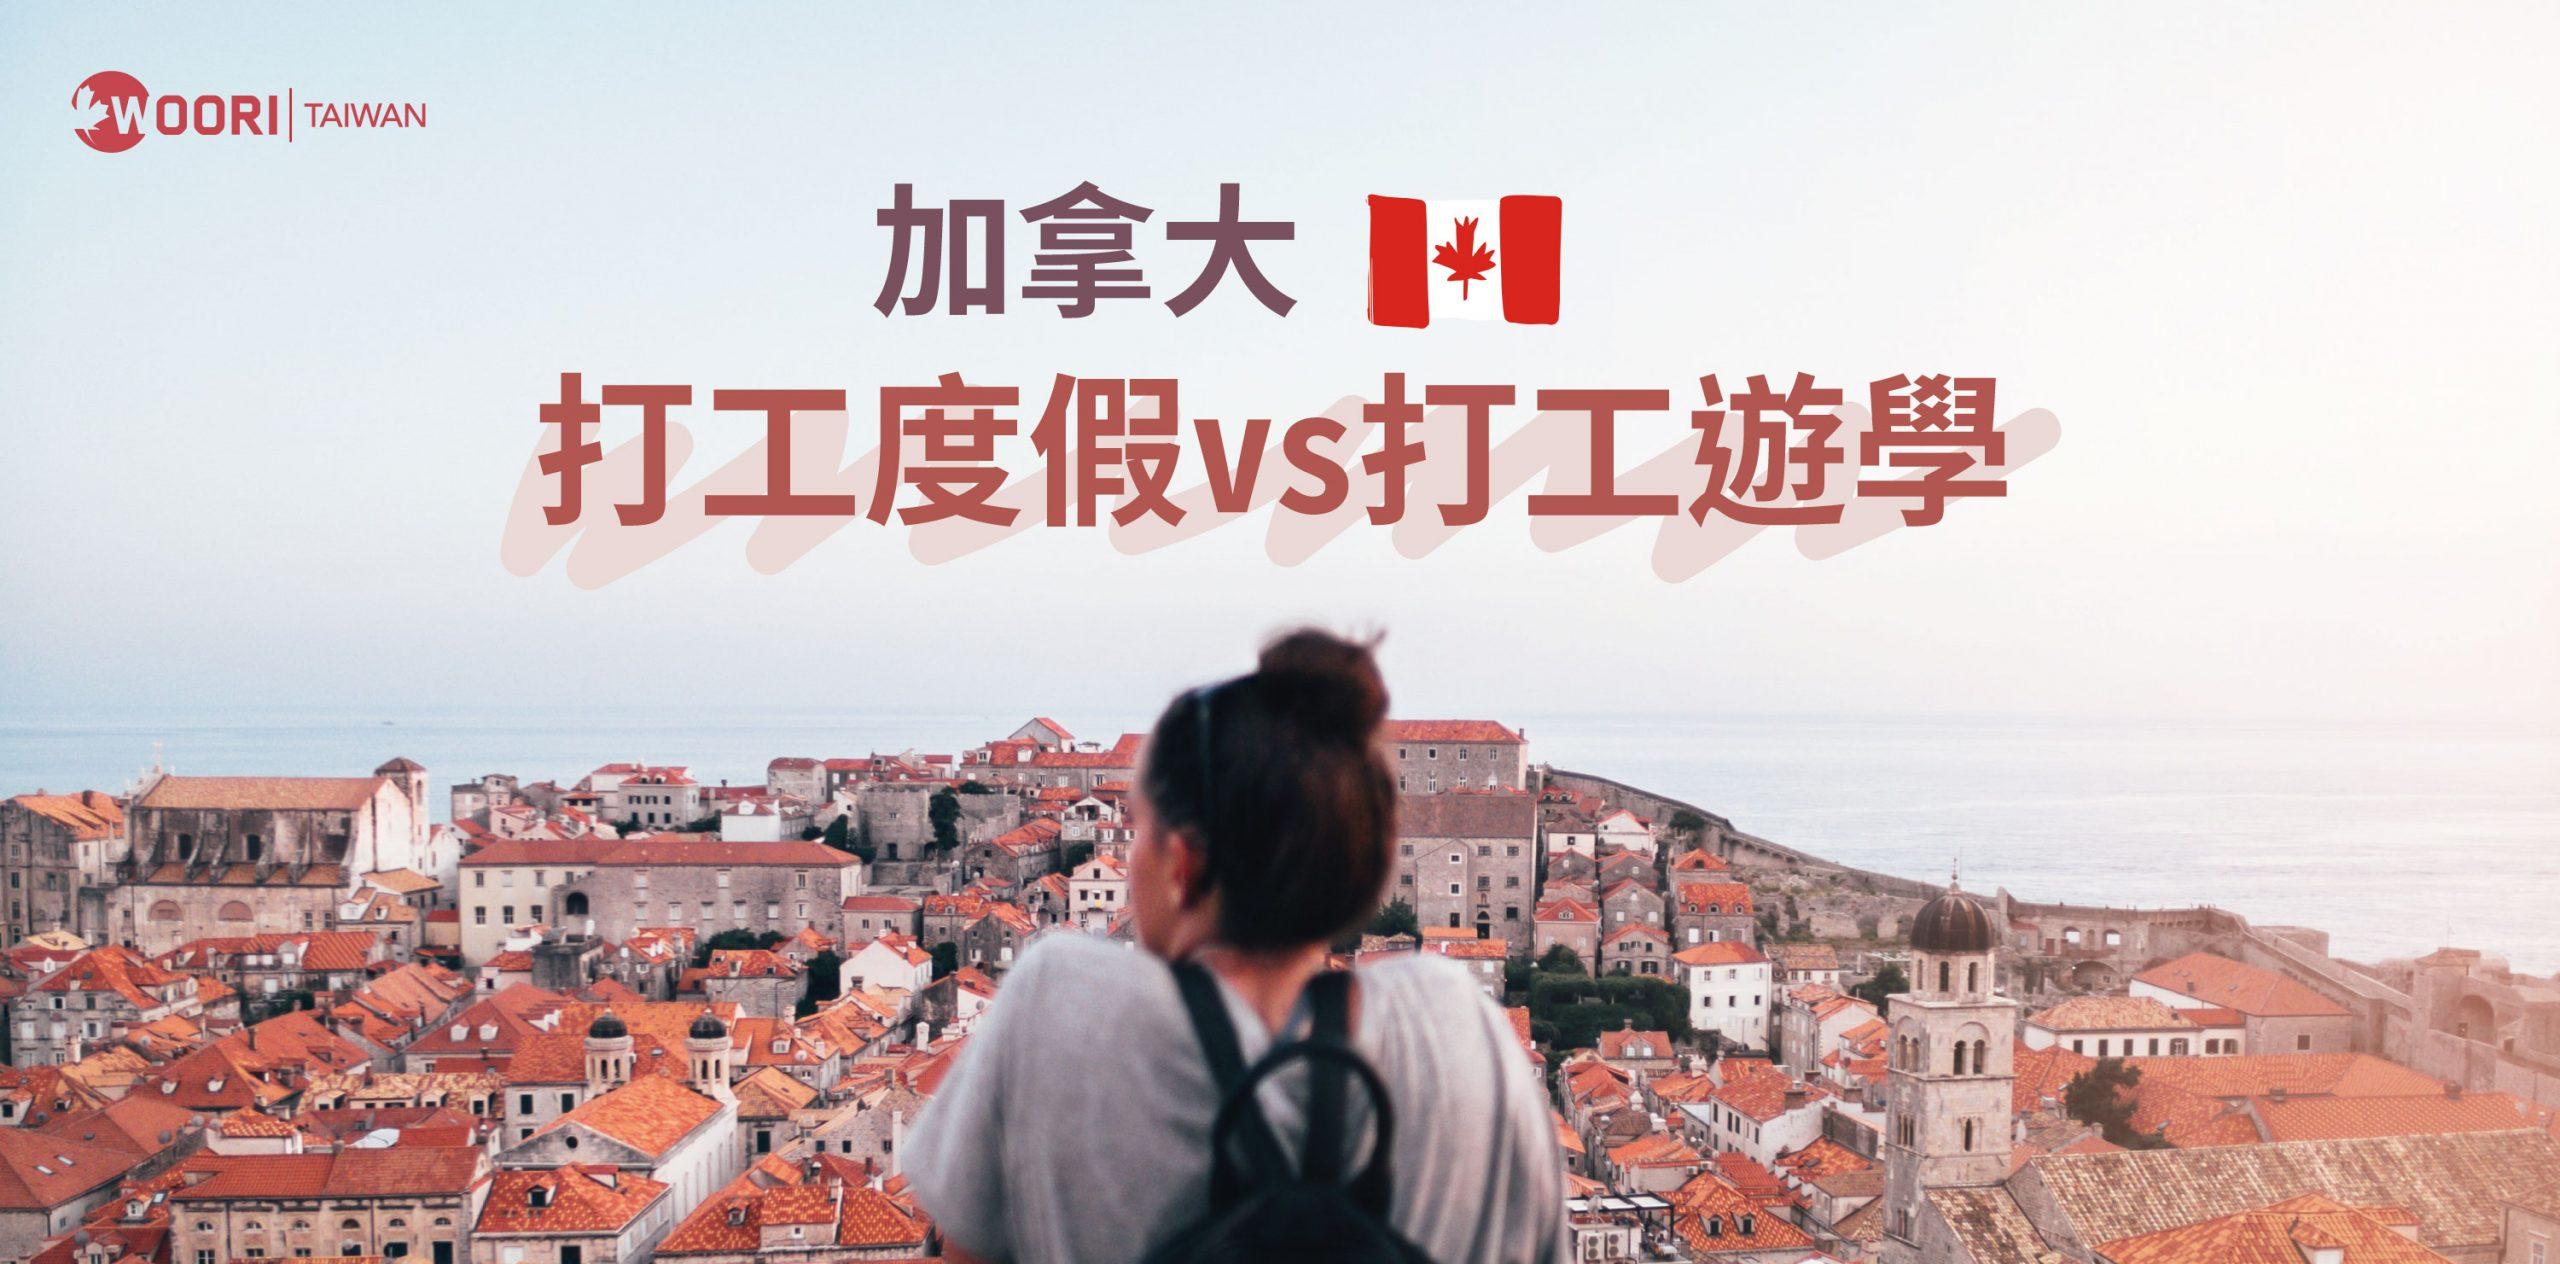 加拿大打工度假vs打工遊學,抽不到籤又想出國?